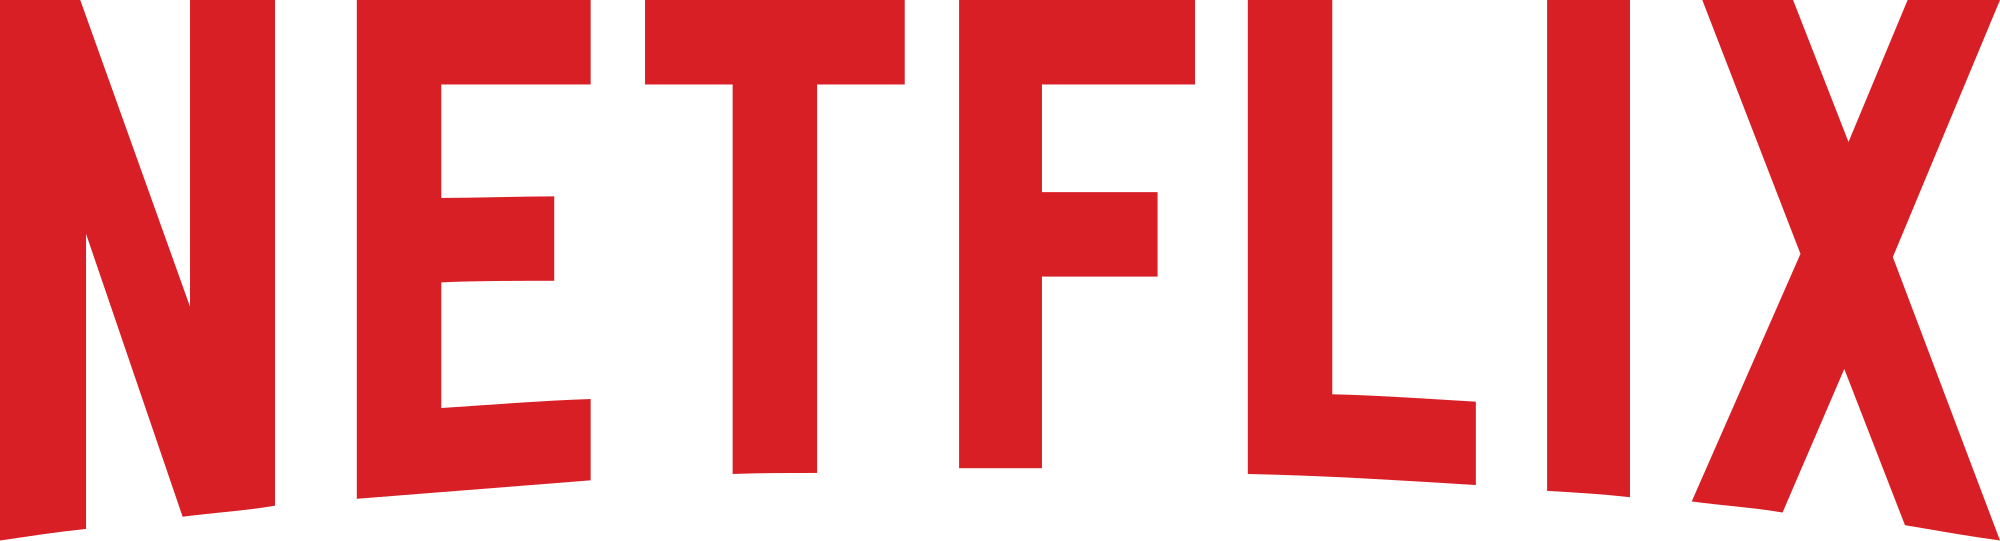 netflix gratis febrero 2018